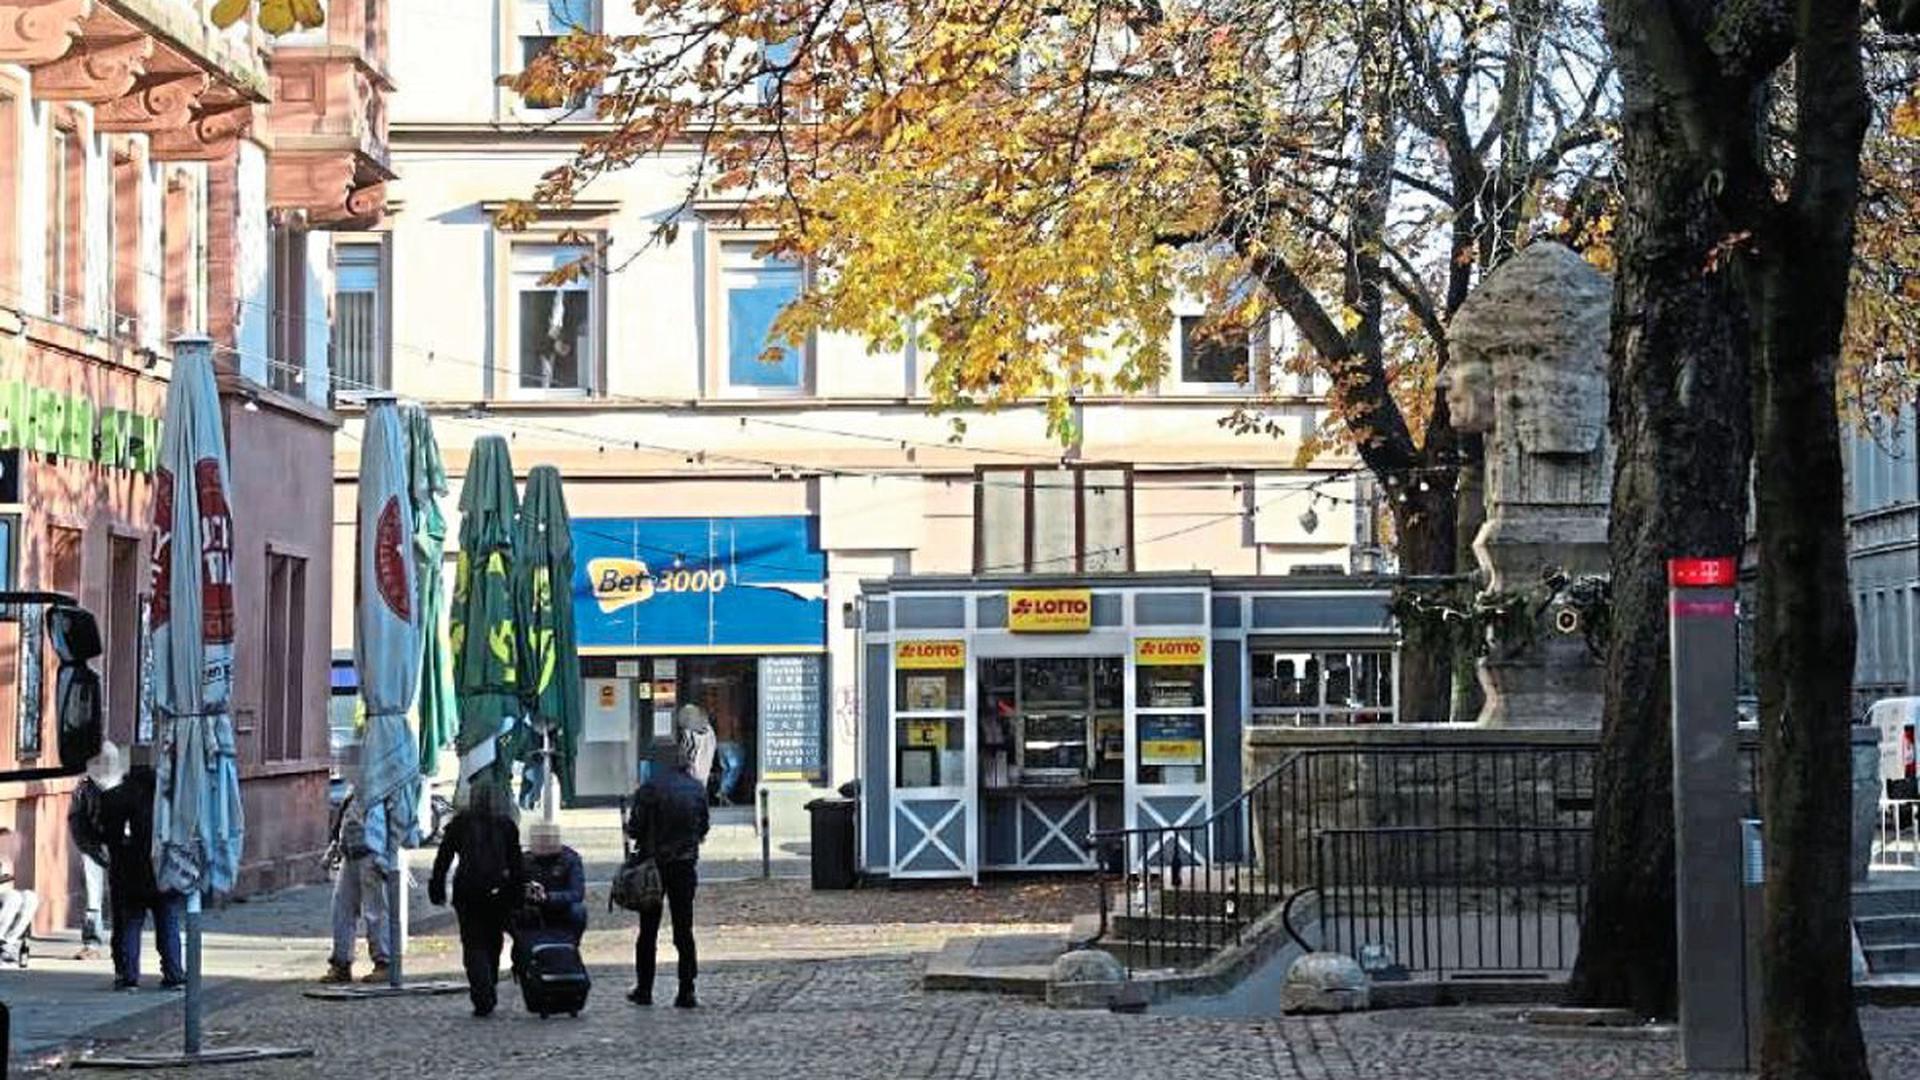 In der Dezembersonne trinken einige Männer bereits am frühen Nachmittag Bier auf dem Werderplatz.